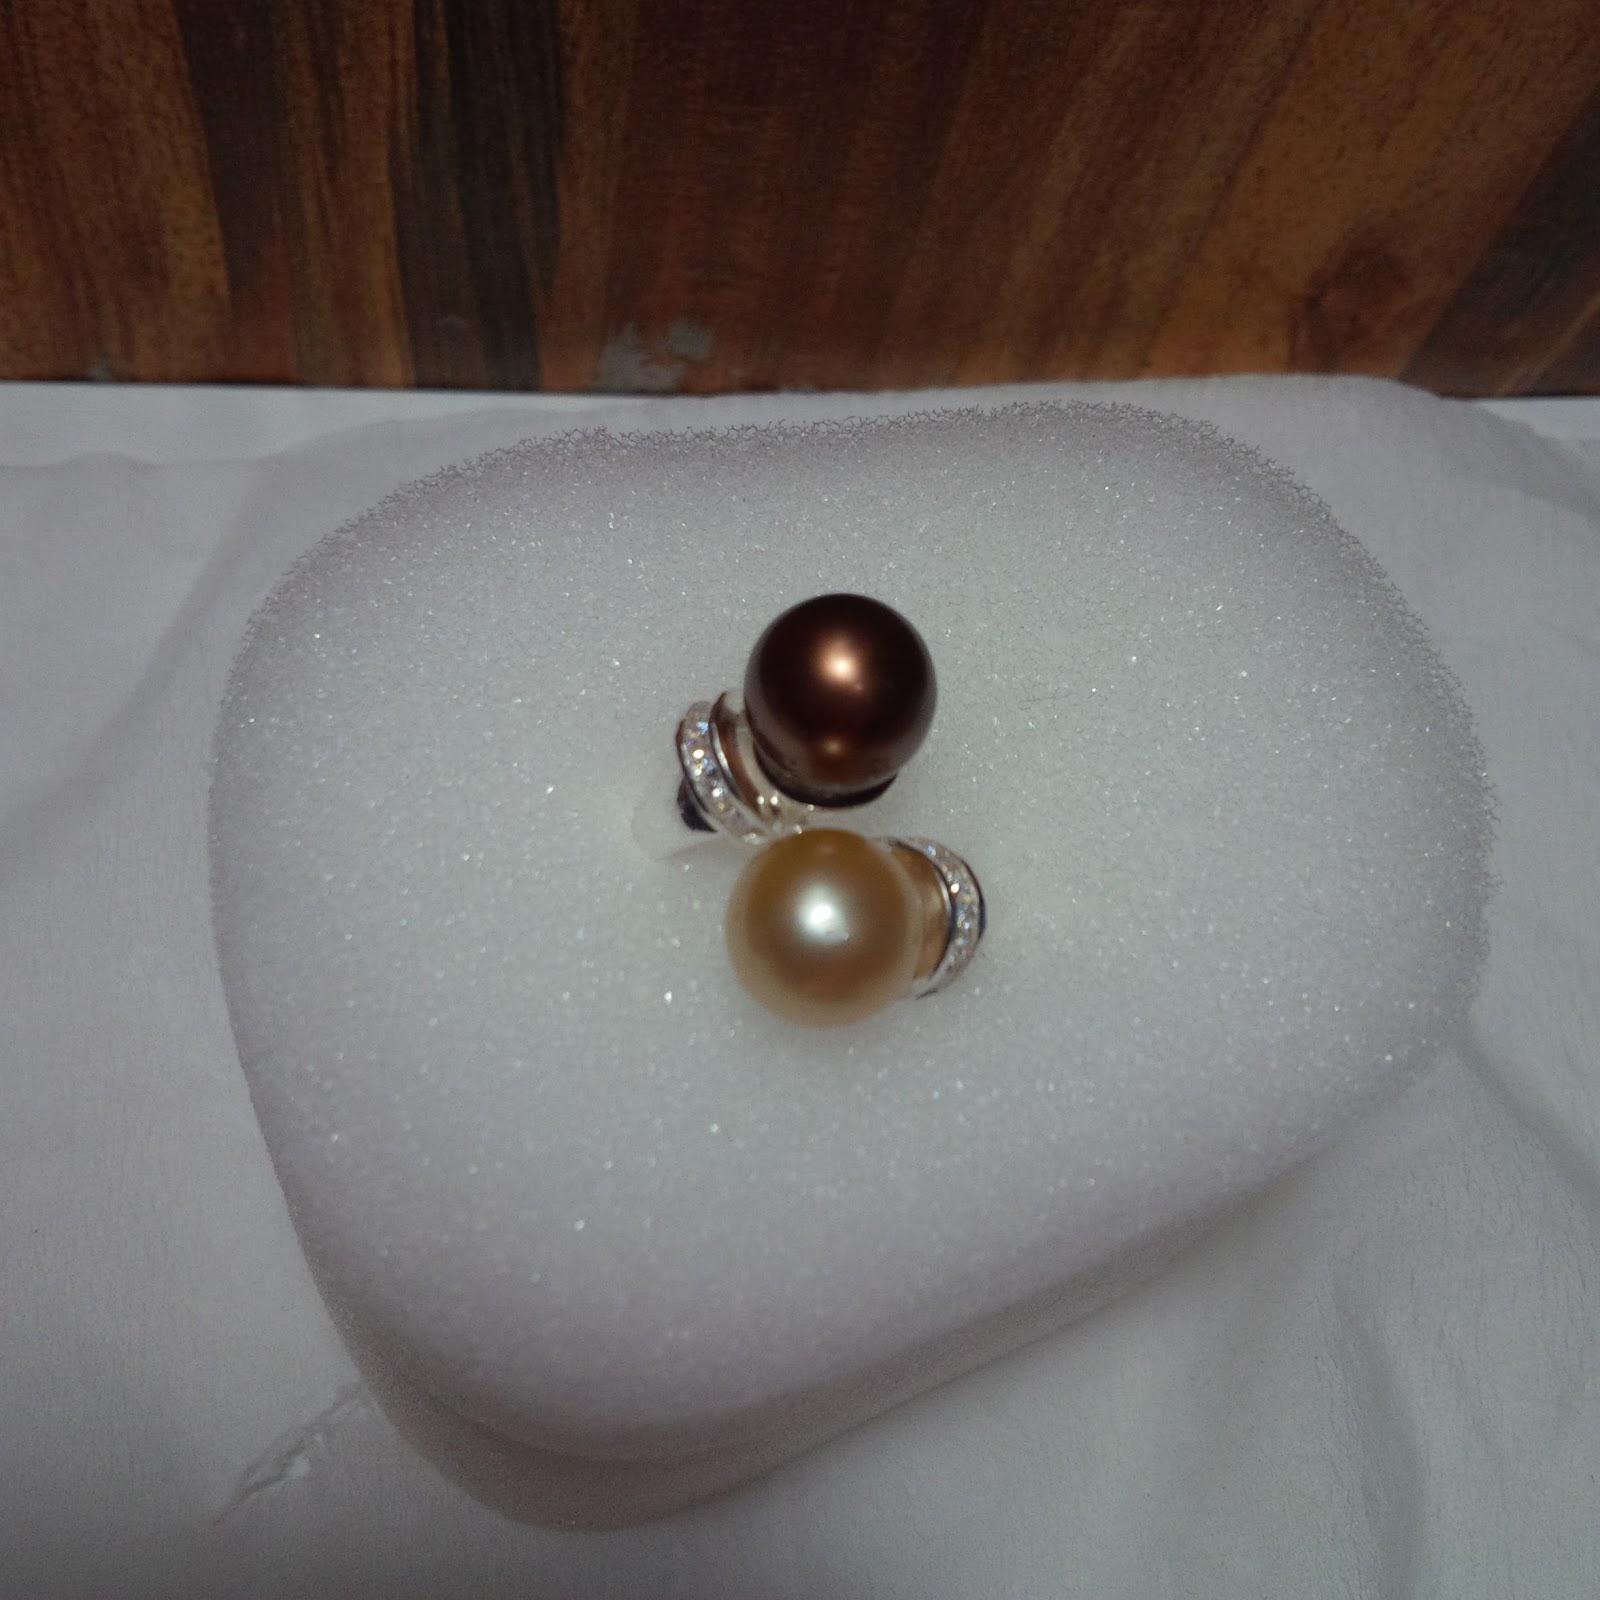 Perhiasan Perak Harga Mutiara Lombok Model Gelang 1 Set Batu Emas Putih Bakar Grosir Murah Toko Silver Bisnis